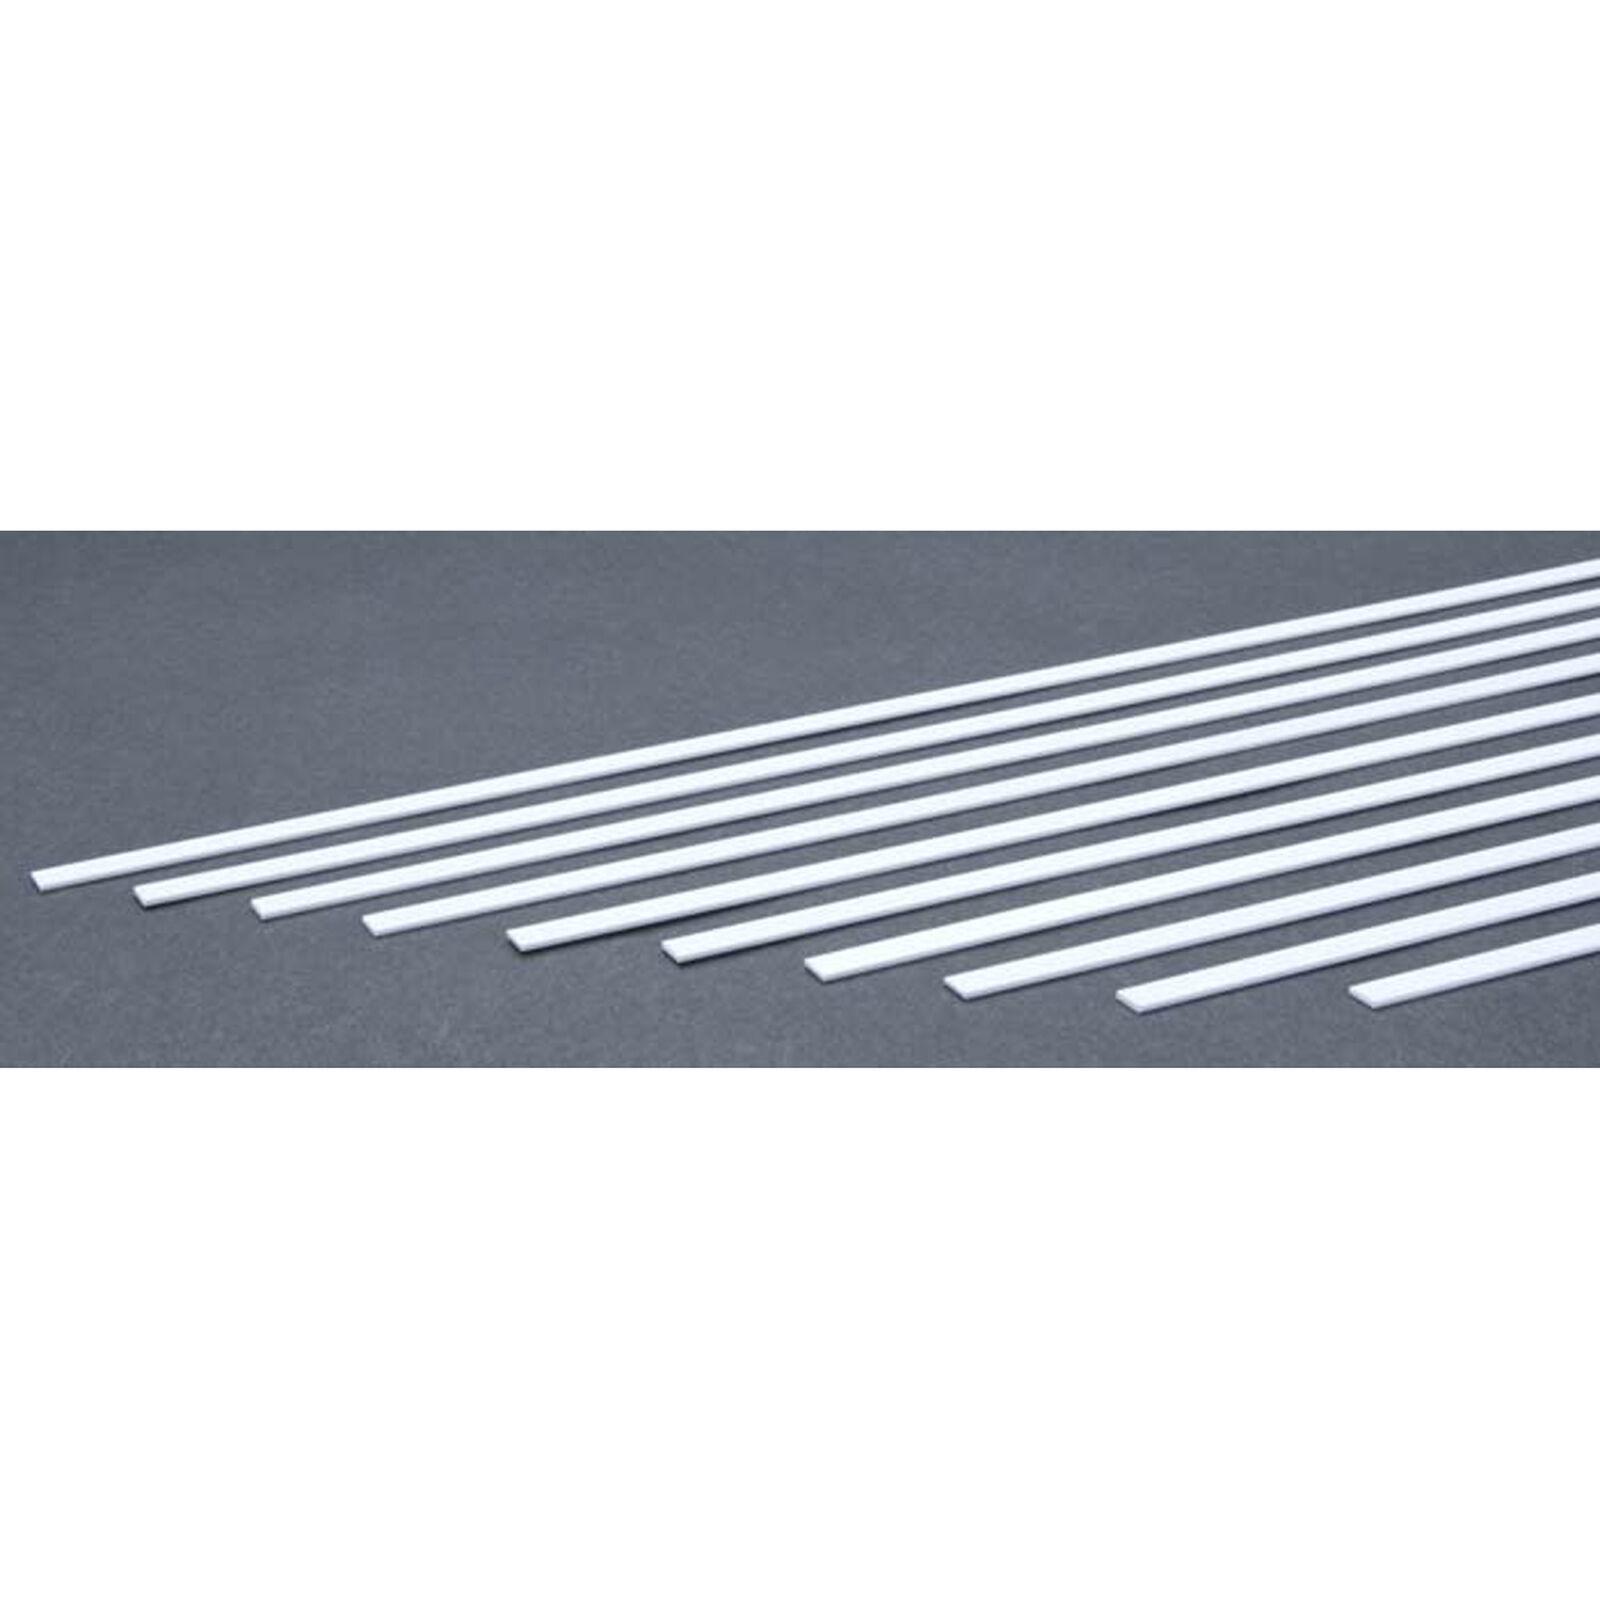 Strip .040 x .250 (10)